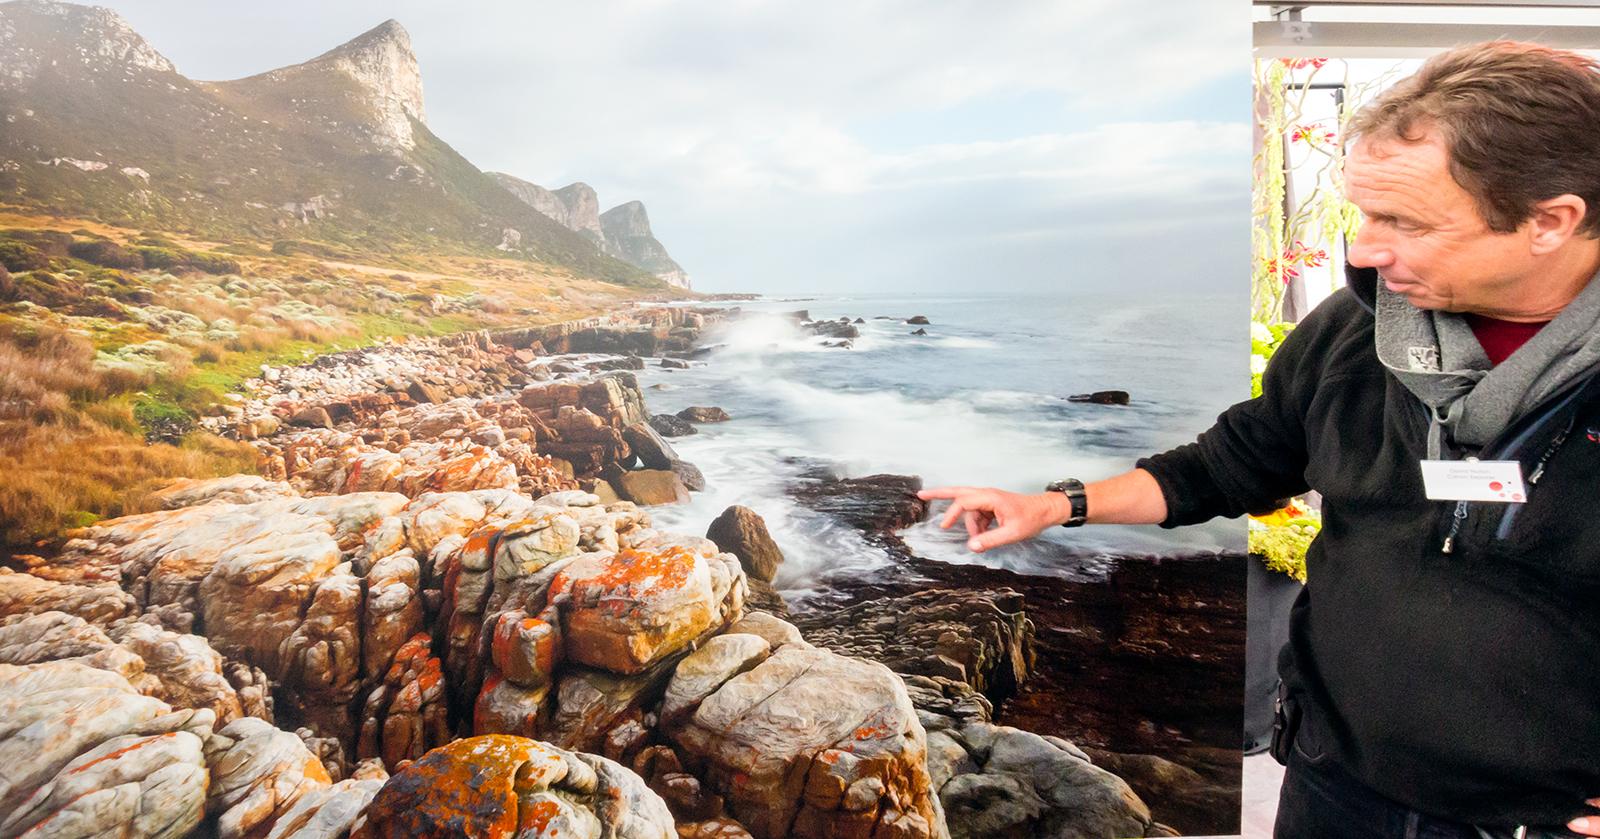 Landskapsfotografen David Noton foran sitt bilde tatt med Canon EOS 5DS.